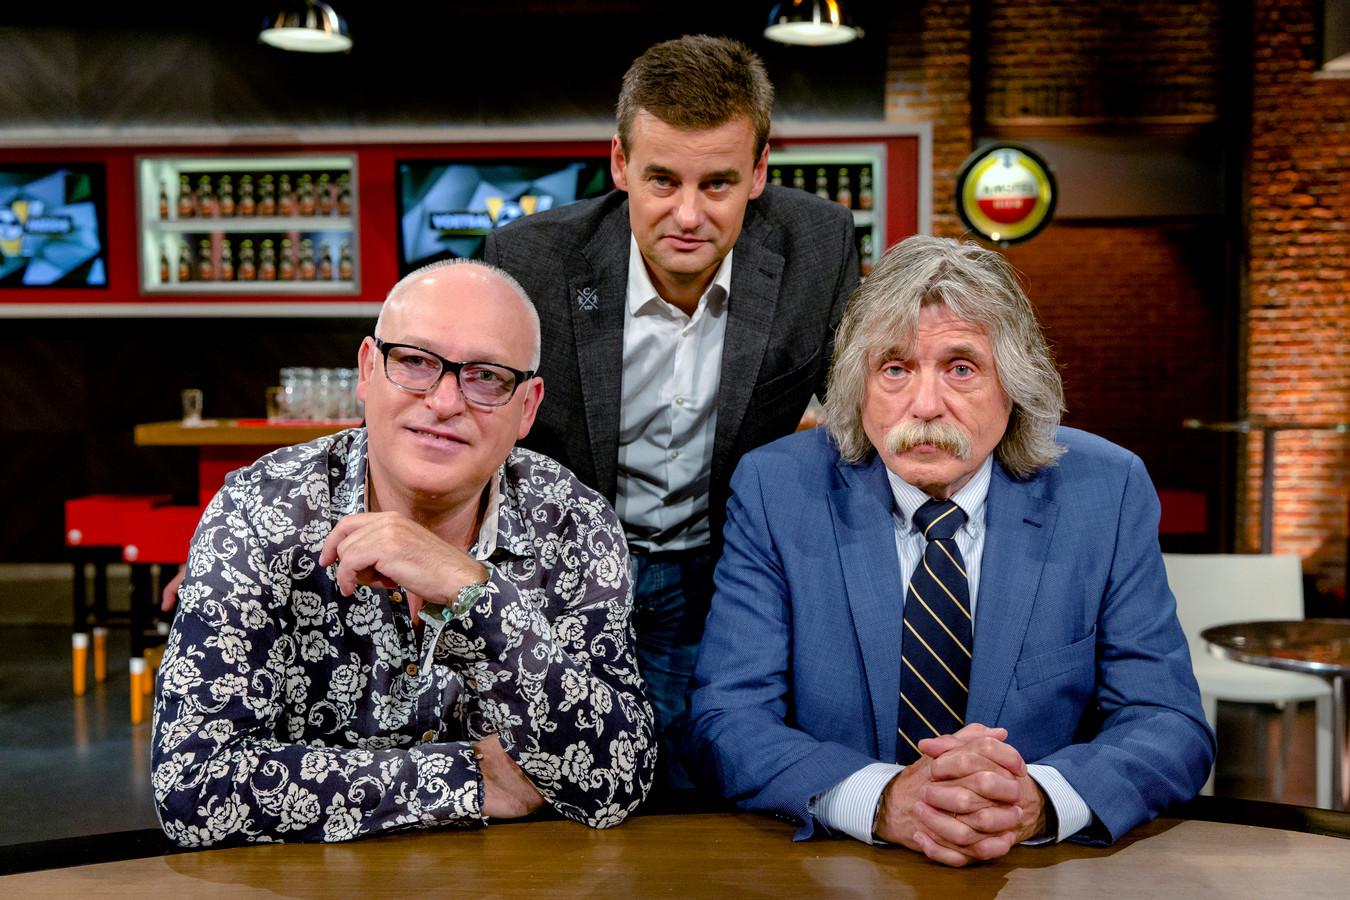 Rene van der Gijp, Wilfred Genee en Johan Derksen.